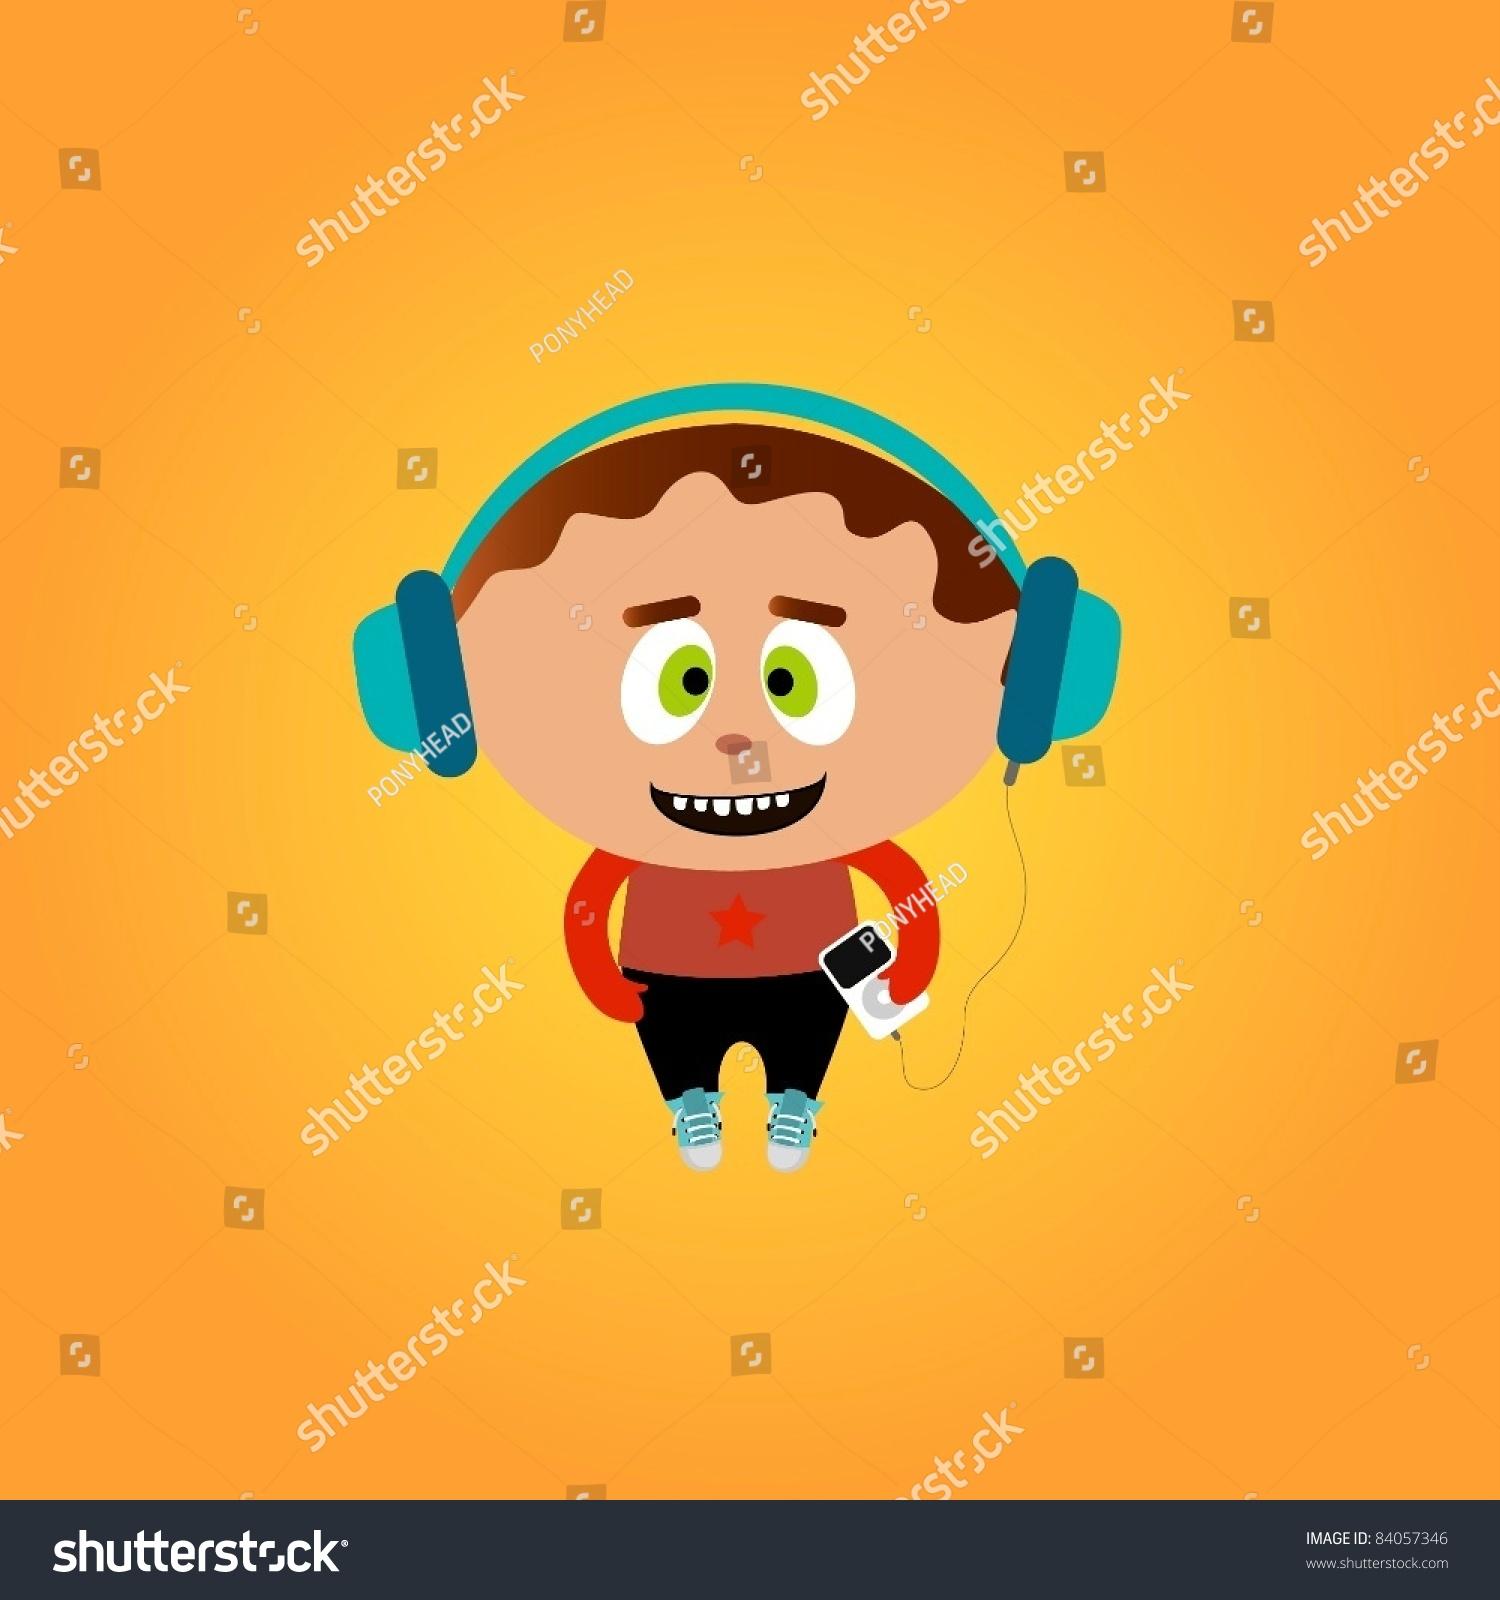 有趣的小男孩听音乐-人物,物体-海洛创意(hellorf)--.